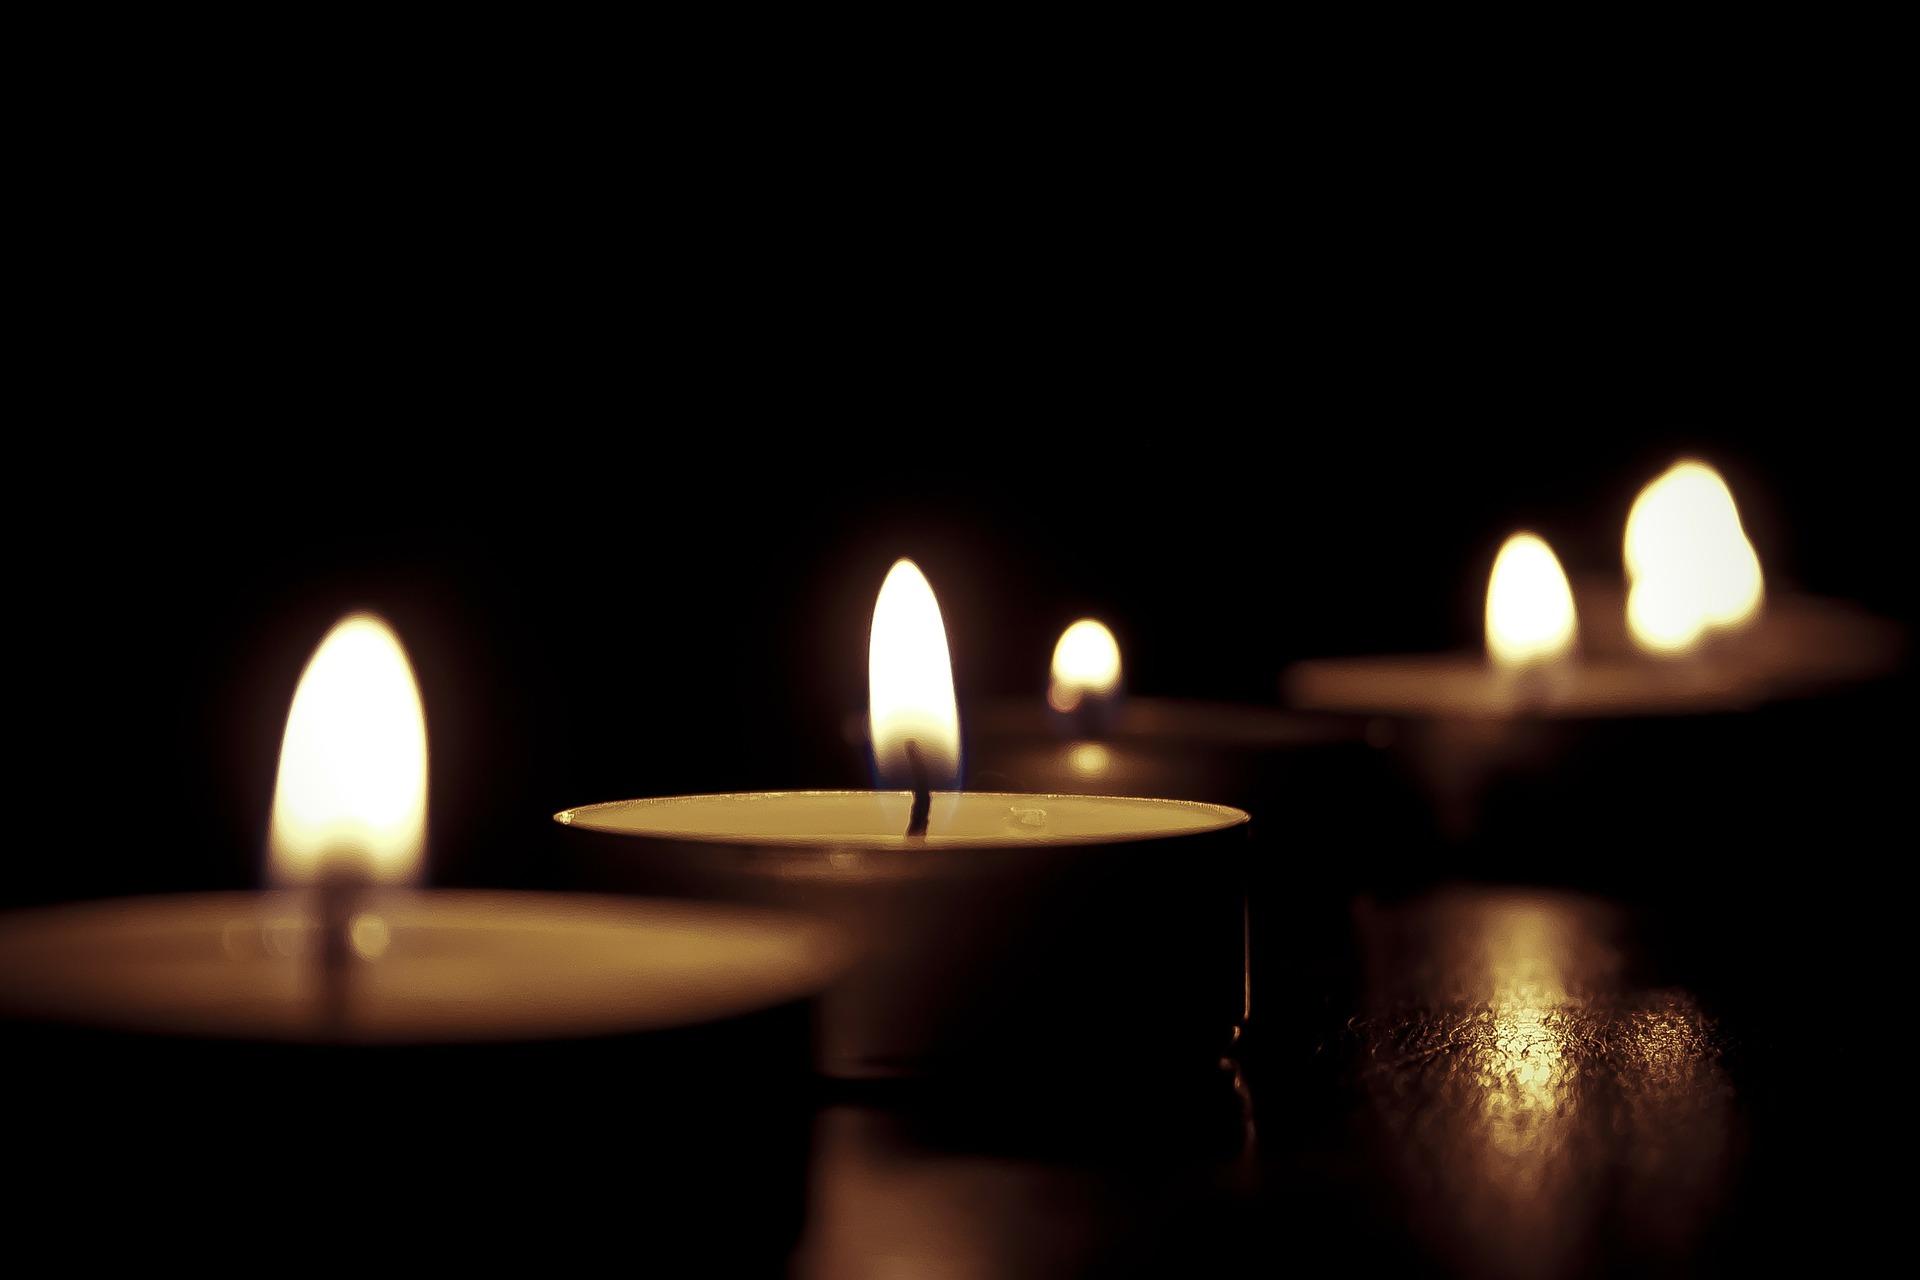 Unser Sonntag – Corona Gedenkgottesdienst am 18.04.2021